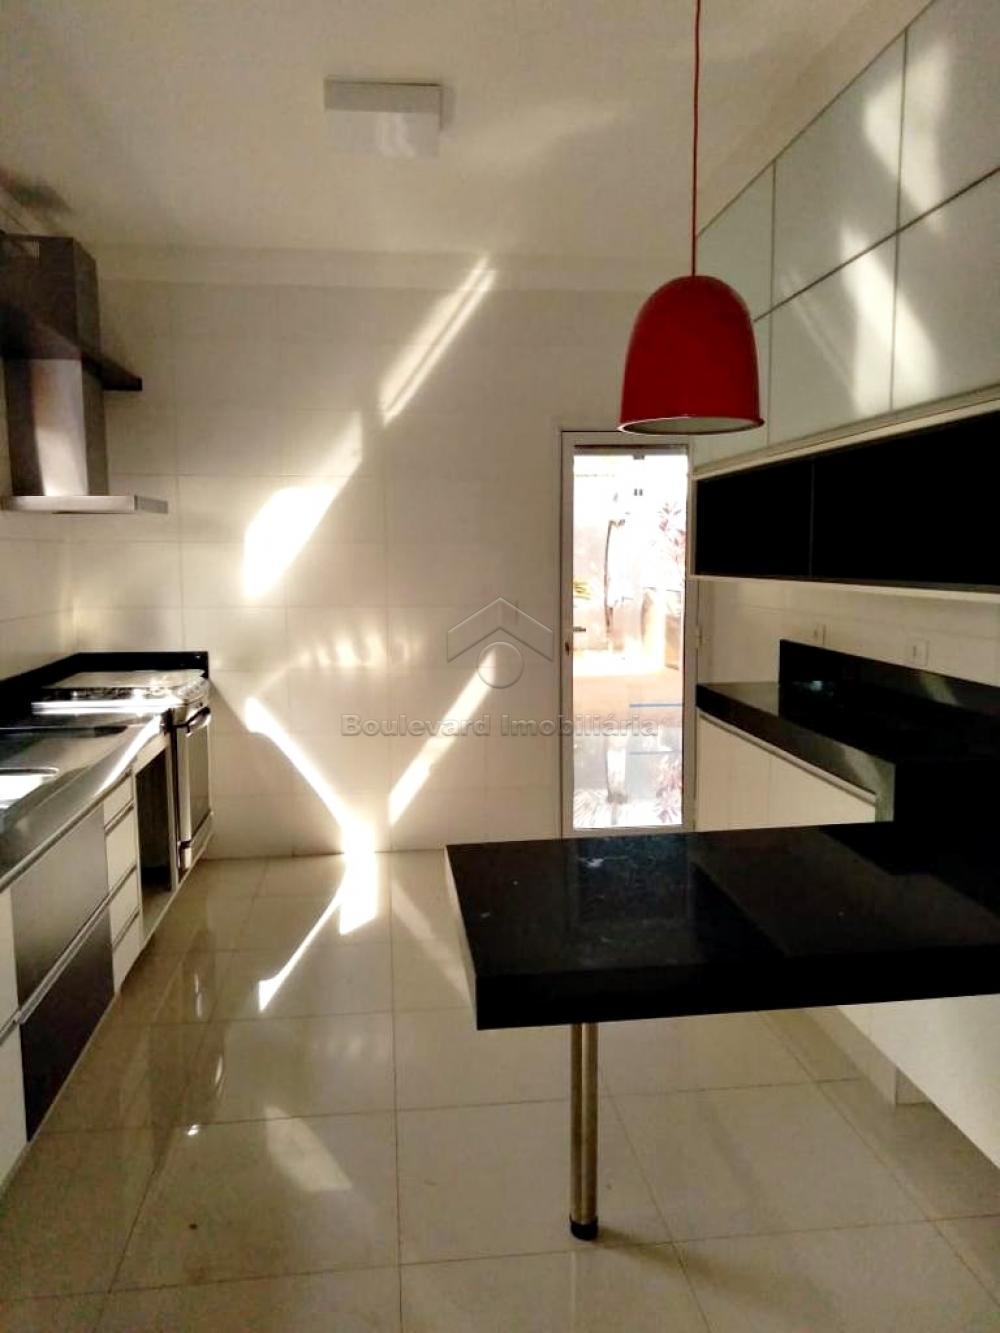 Alugar Casa / Condomínio em Ribeirão Preto R$ 8.500,00 - Foto 15